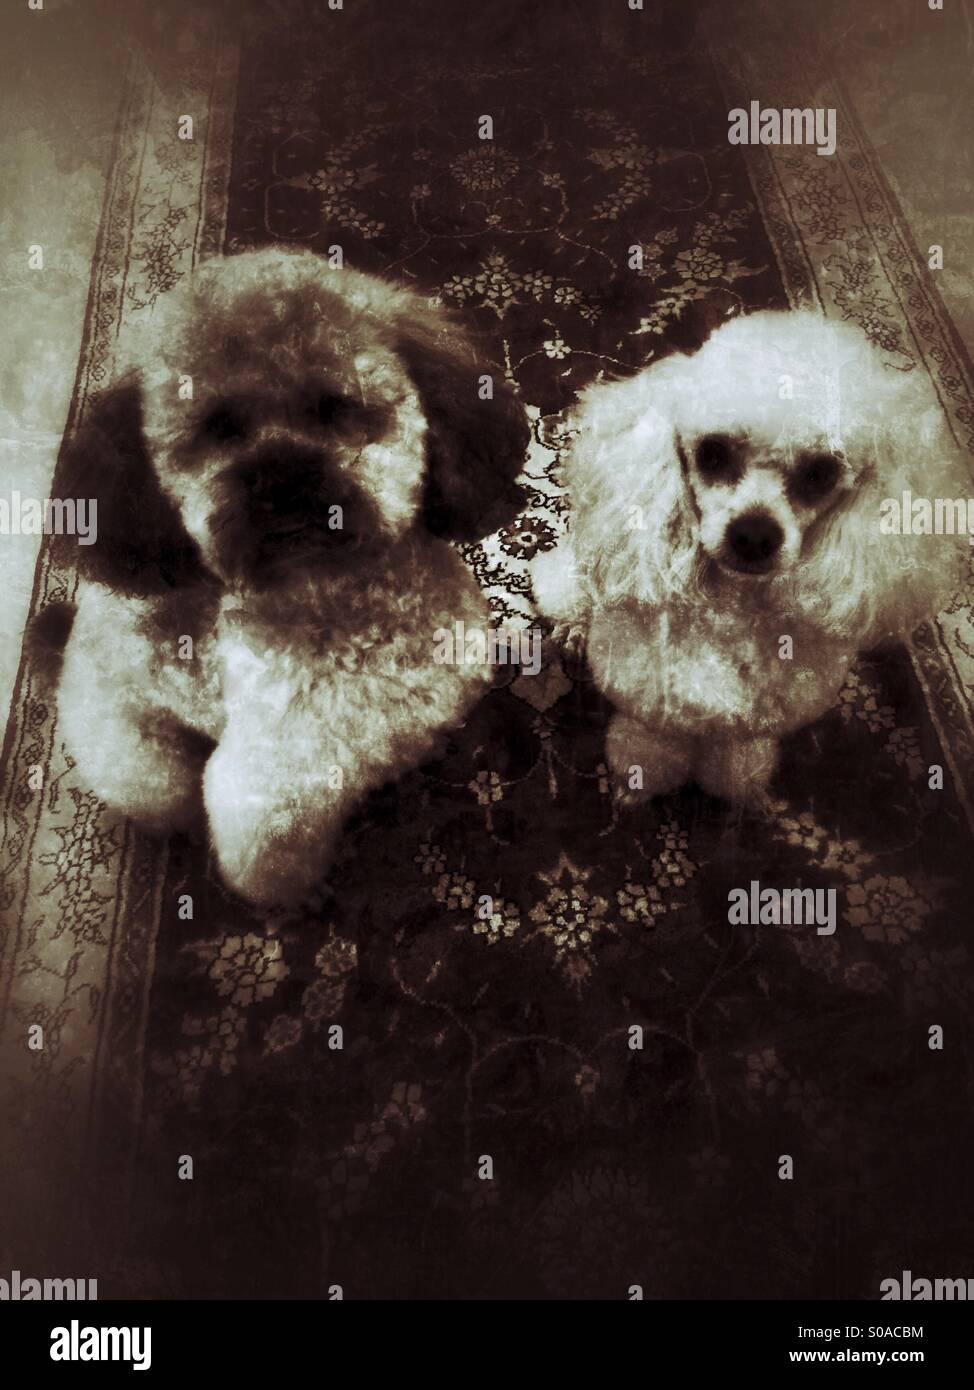 Pair of poodles freshly groomed - Stock Image